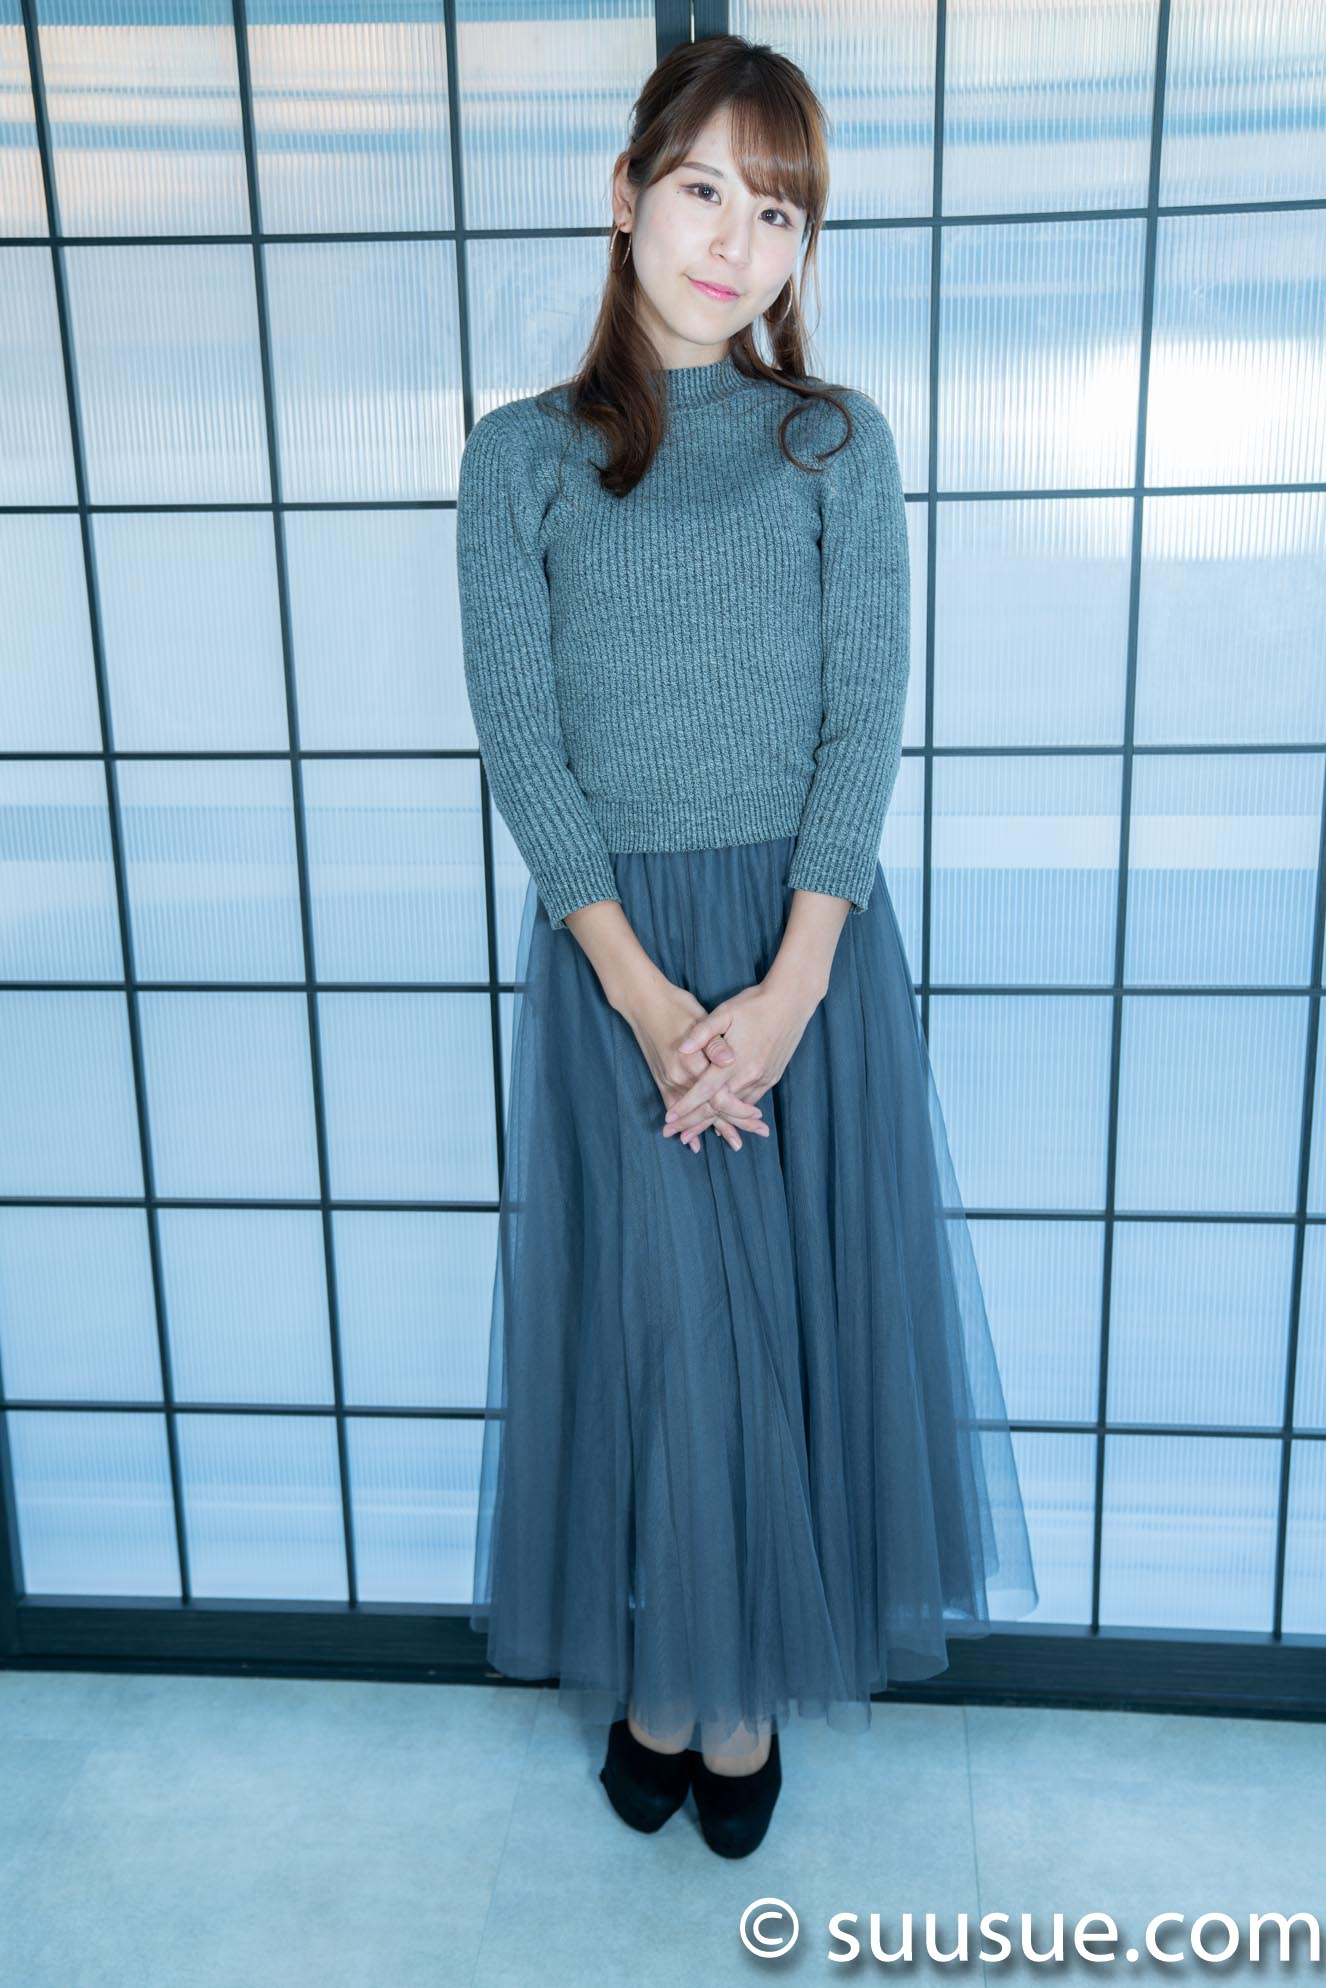 五十川ちほ 2019/11/17 NewType撮影会 バースデー撮影会 チェリッシュスタジオ8号館